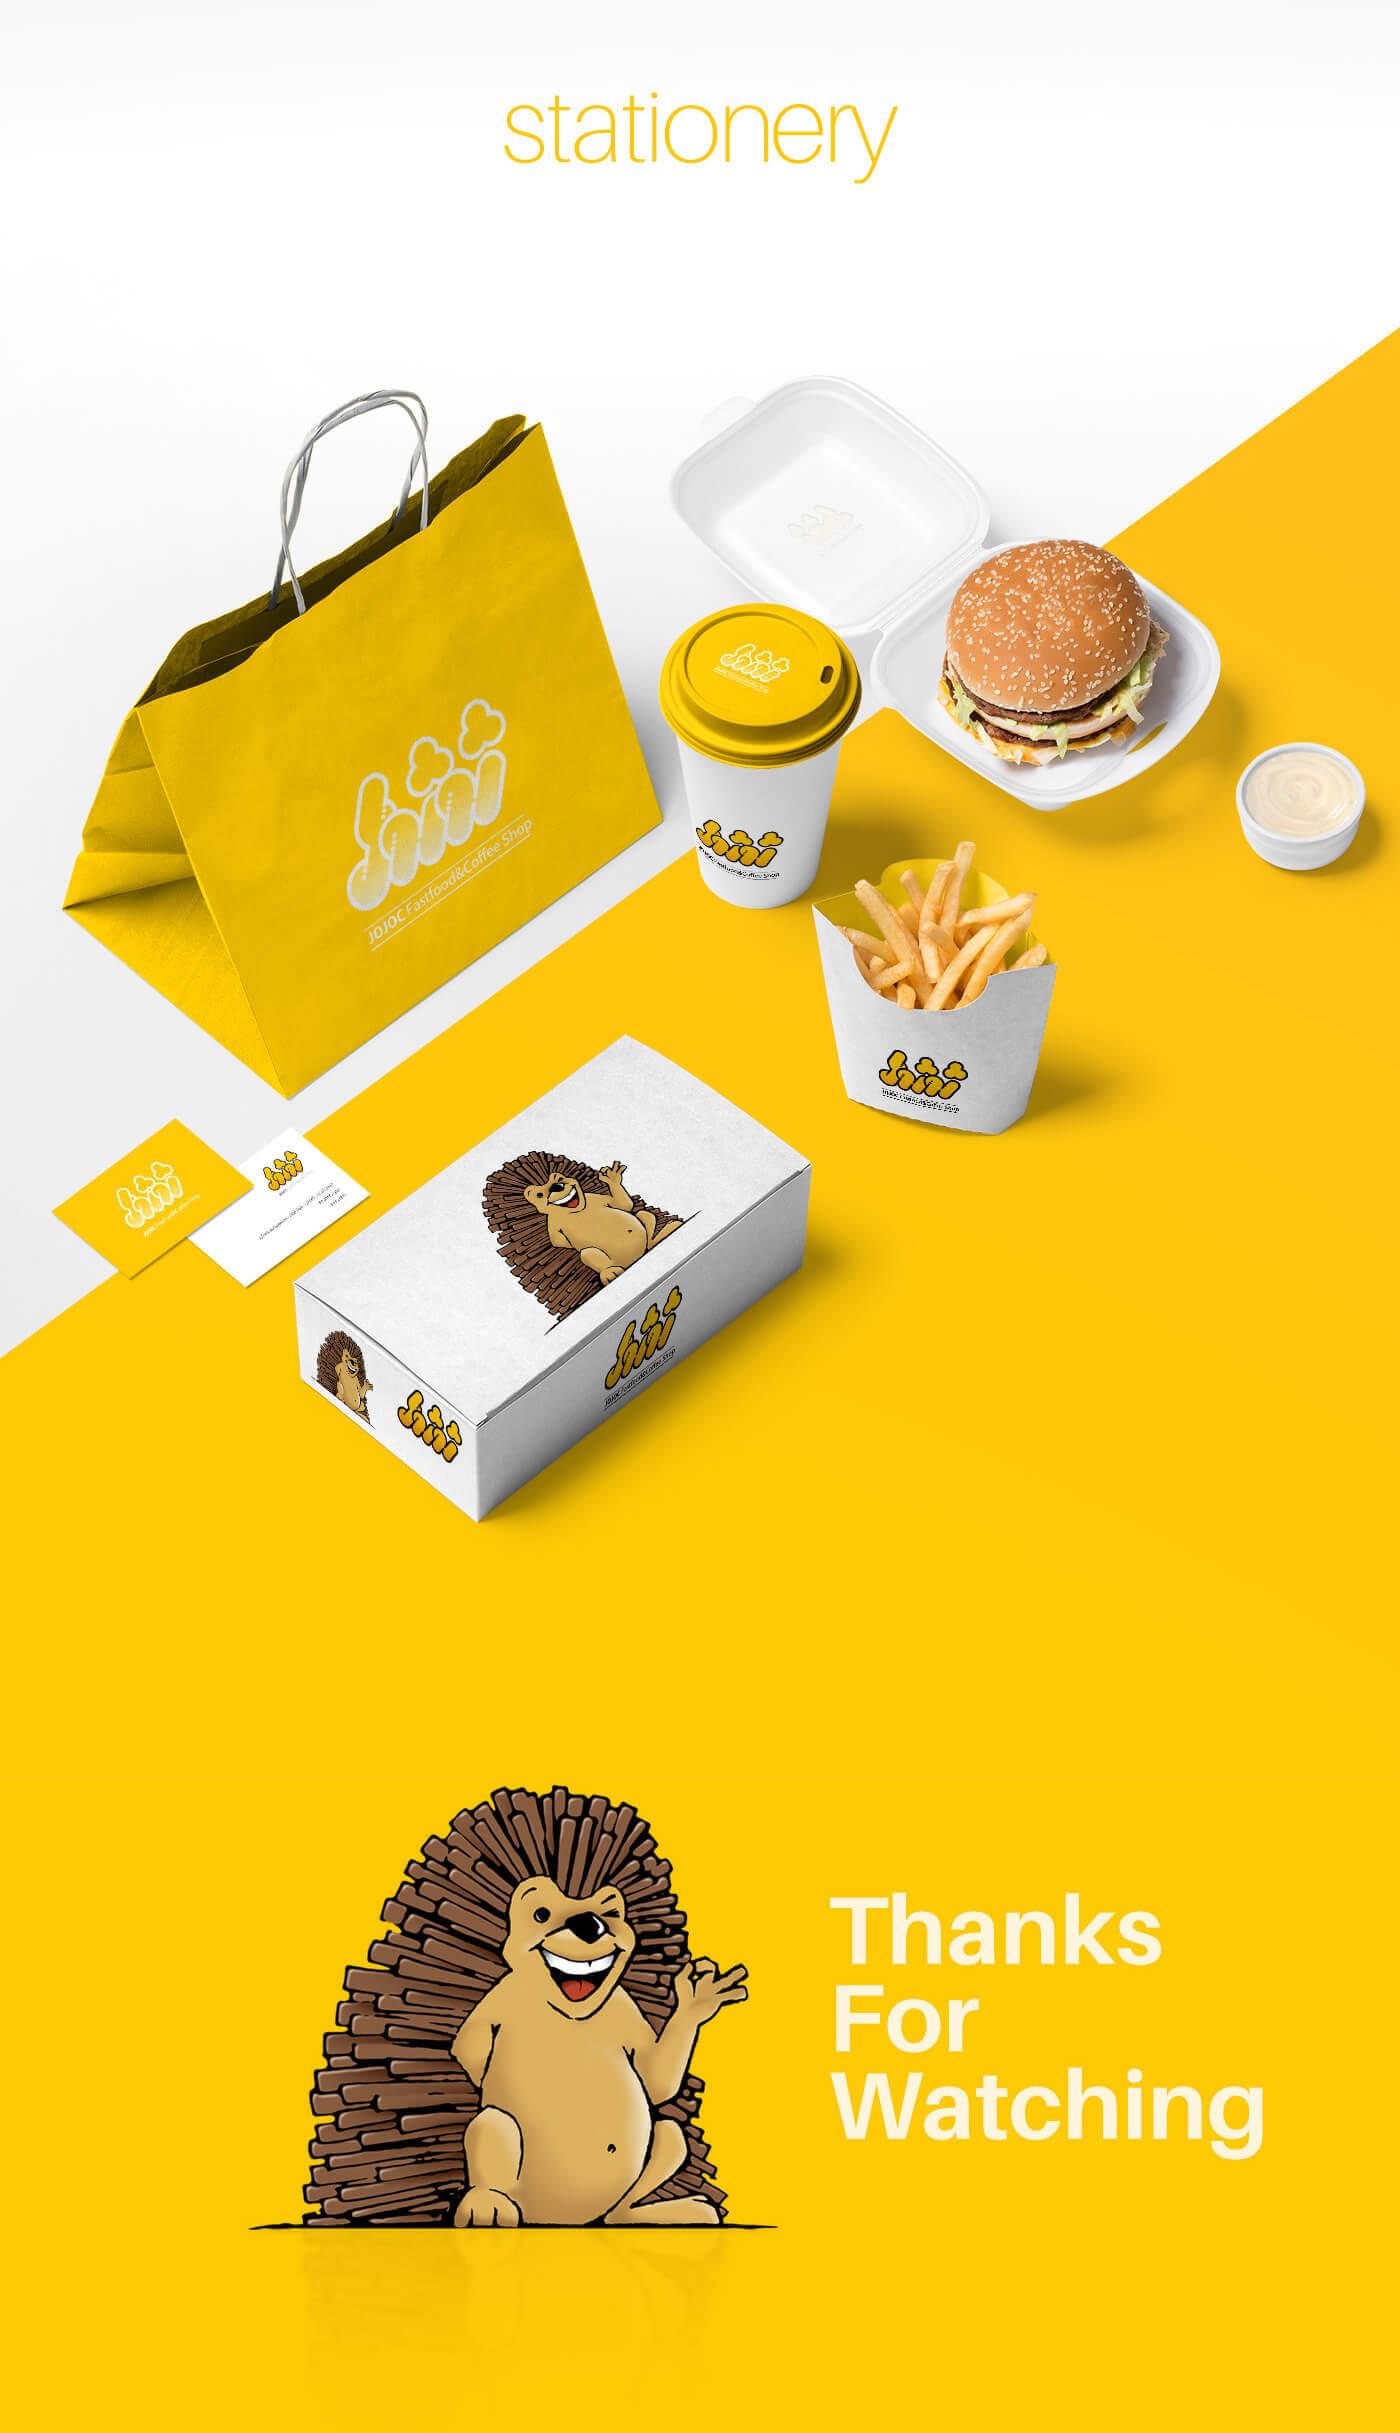 هویت بصری فست فود ژوژوک 3، هویت بصری رستوران ژوژوک، فست فود ژوژوک، هویت بصری، طراحی هویت بصری، شرکت تبلیغاتی الف، طراحی لوگو، طراحی لوگوتابپ، طراحی ست اداری، طراحی اوراق اداری